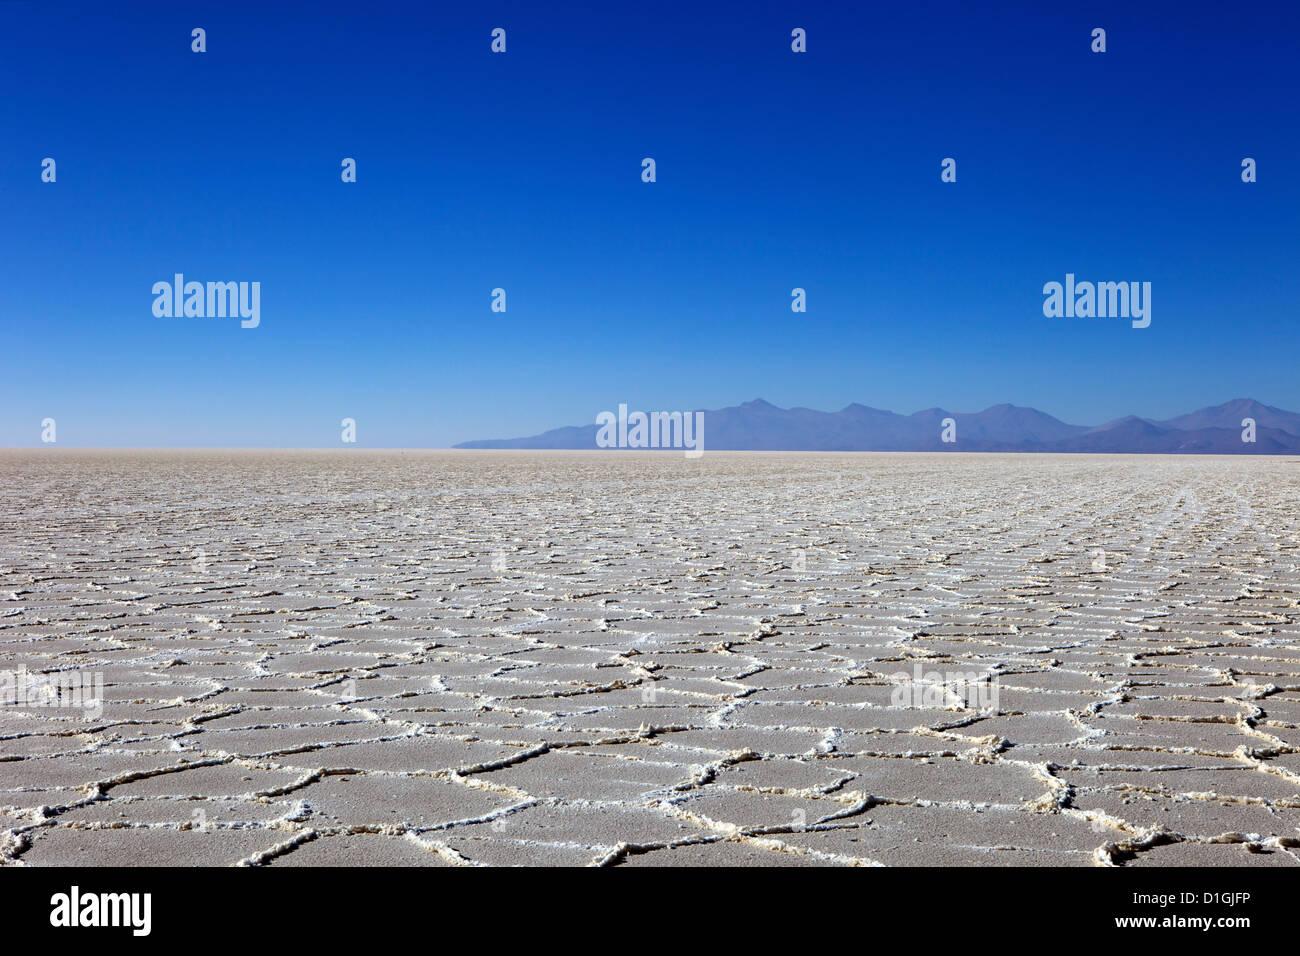 Details zu den Salzablagerungen in der Salar de Uyuni Salz flach und die Anden, im Süd-westlichen Bolivien, Stockbild